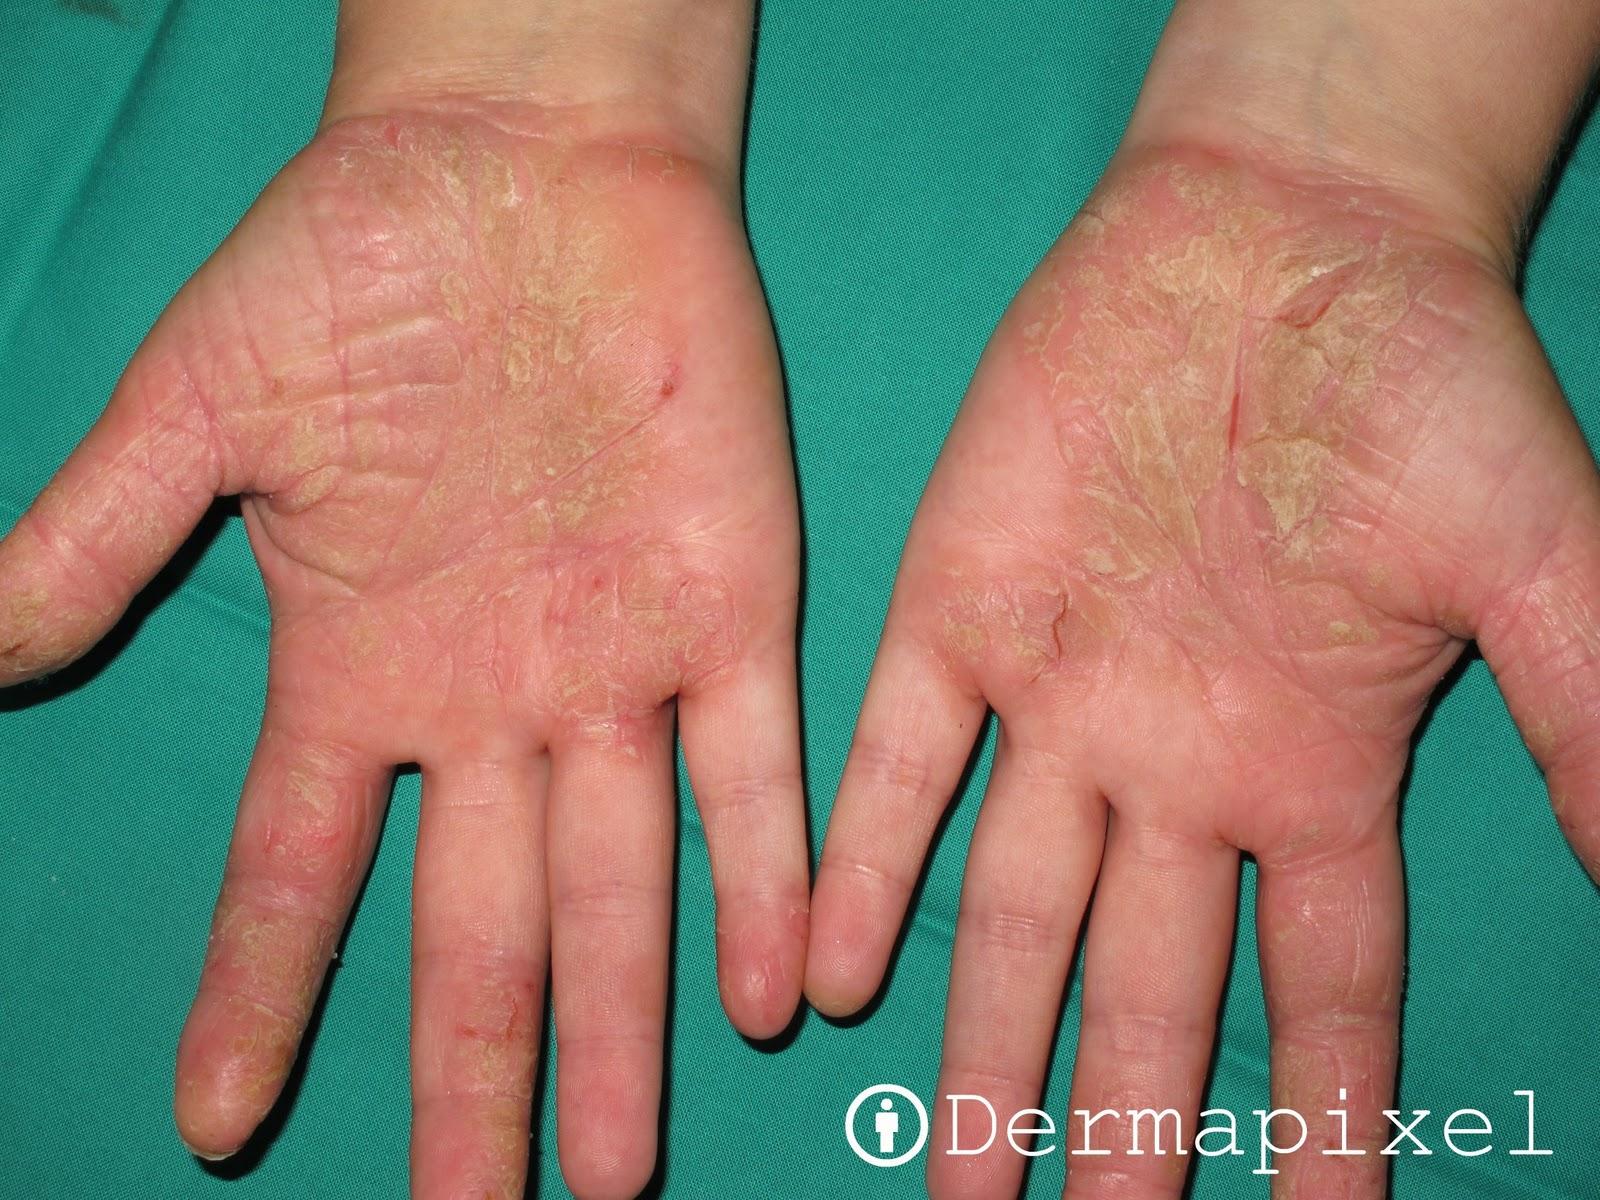 De por de que surge la enfermedad la psoriasis